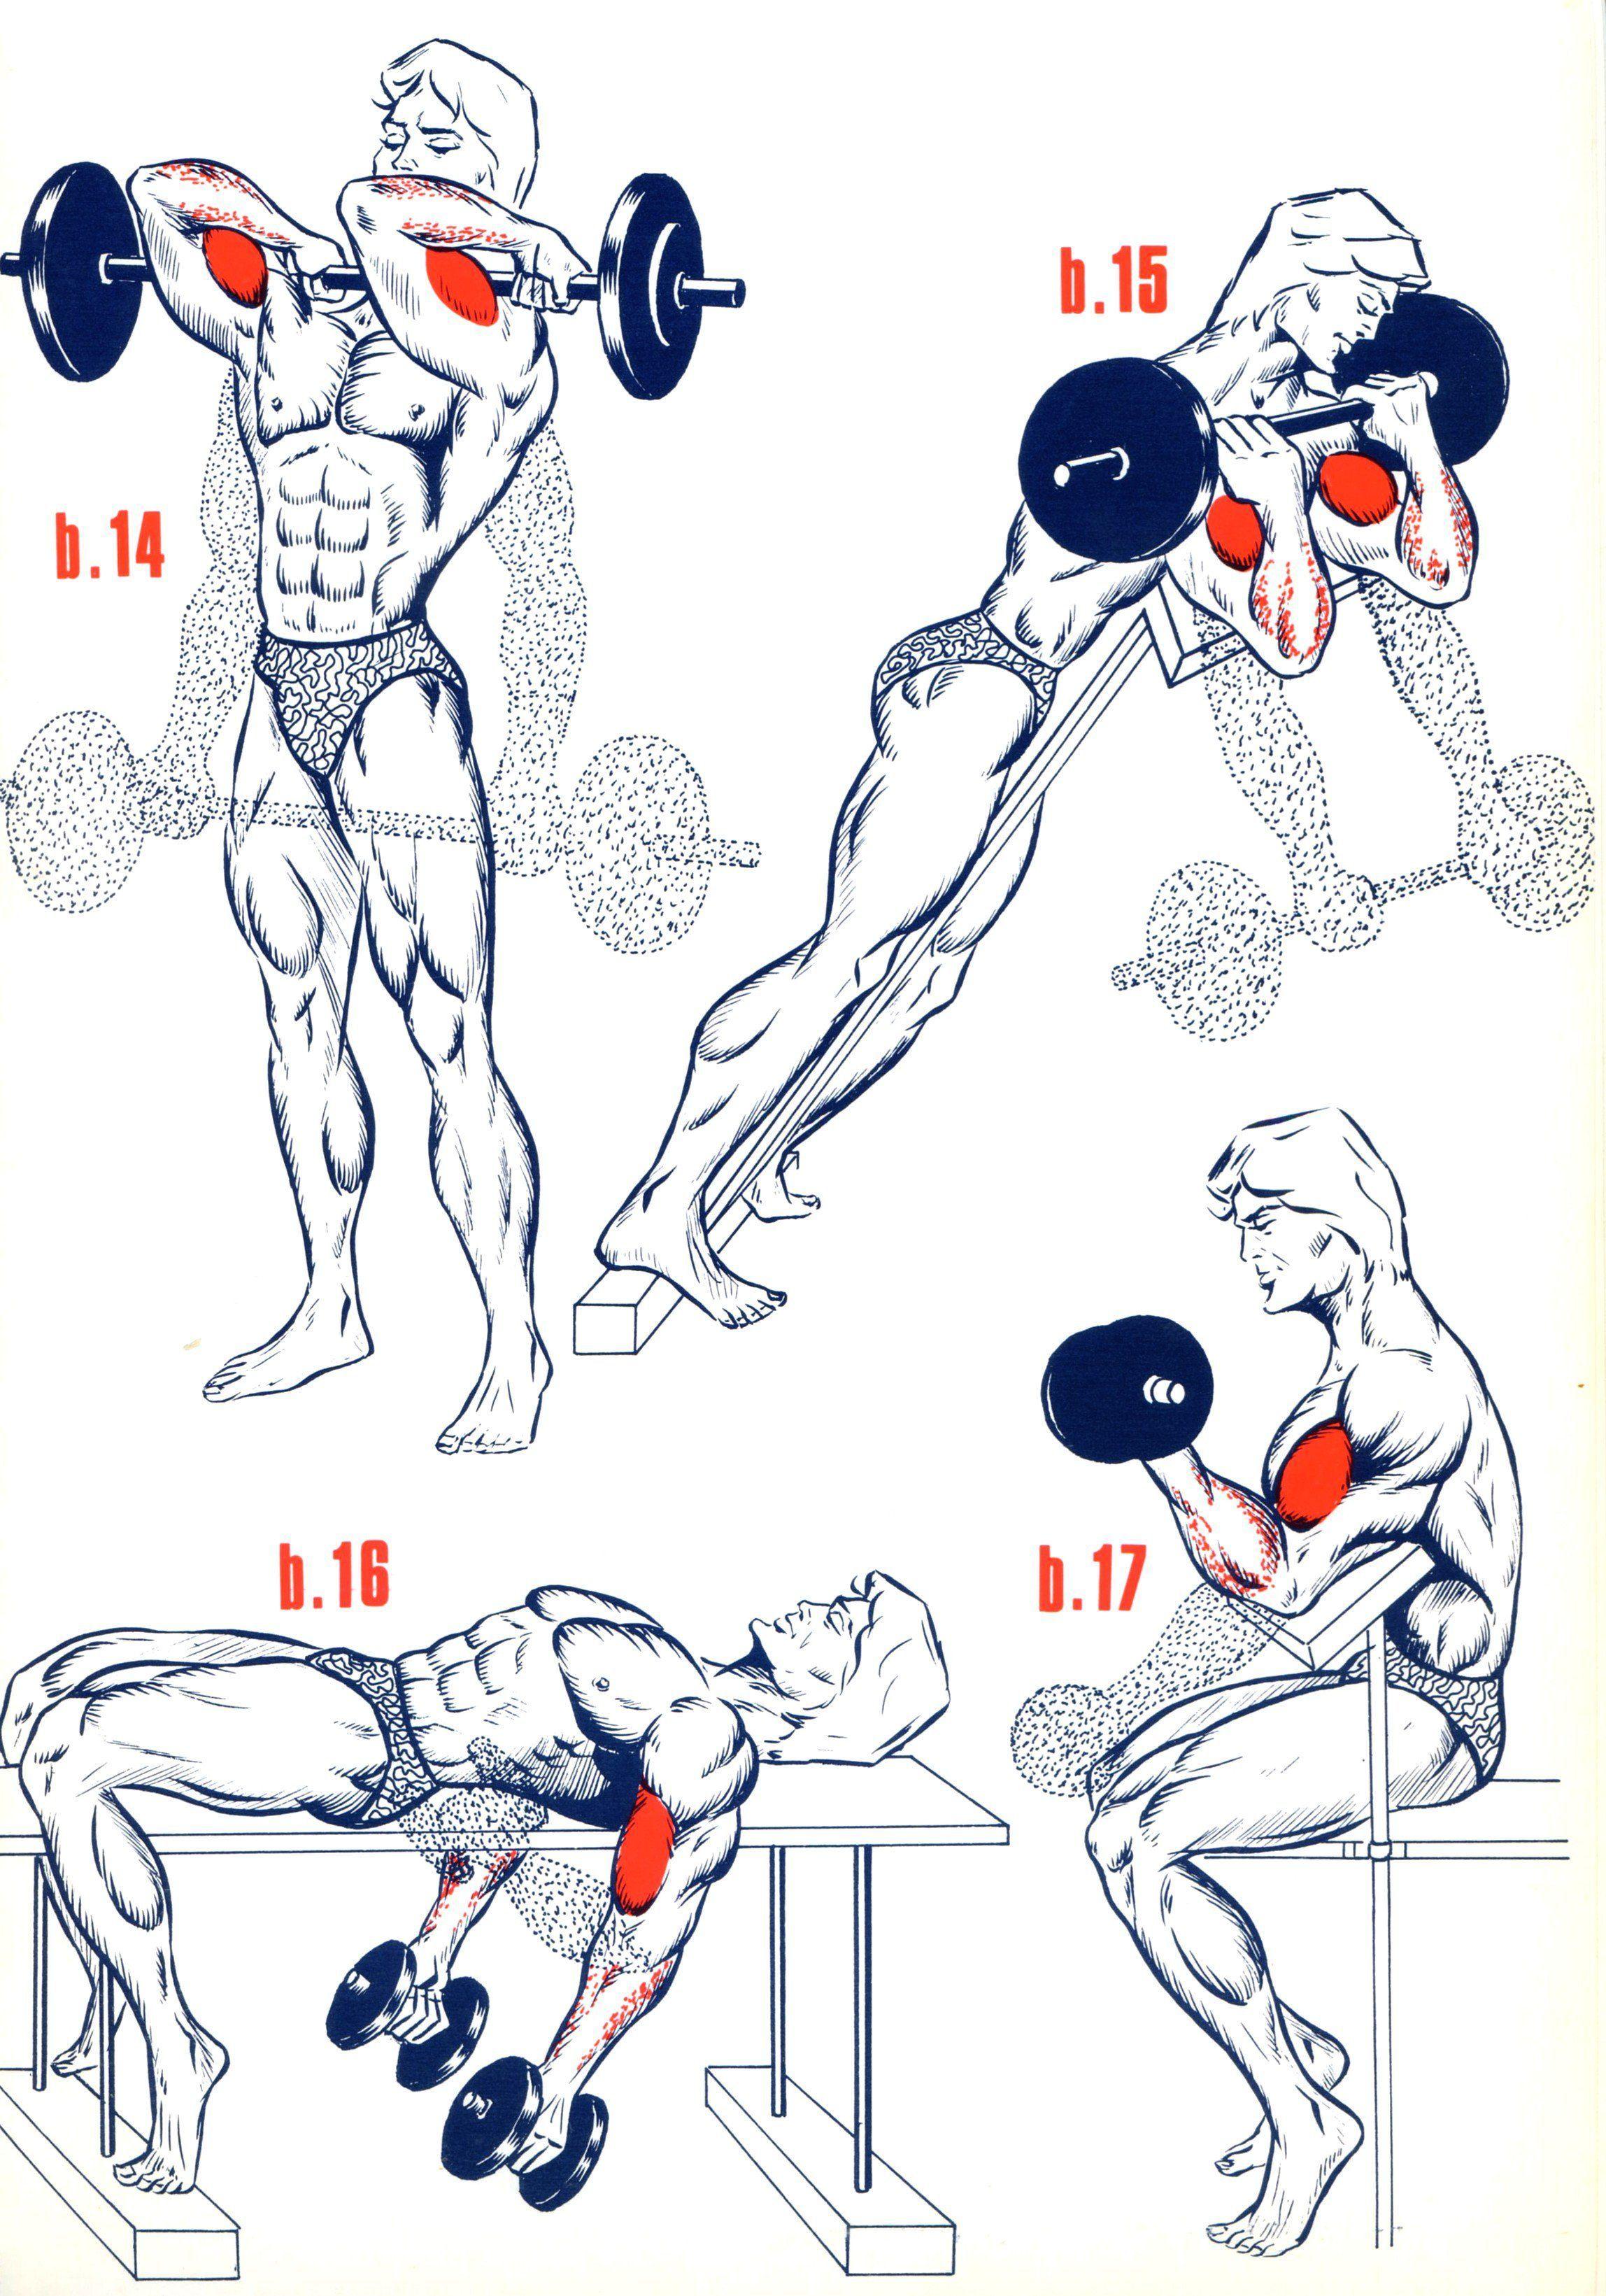 Как растут мышцы? что влияет на рост мышечной ткани?